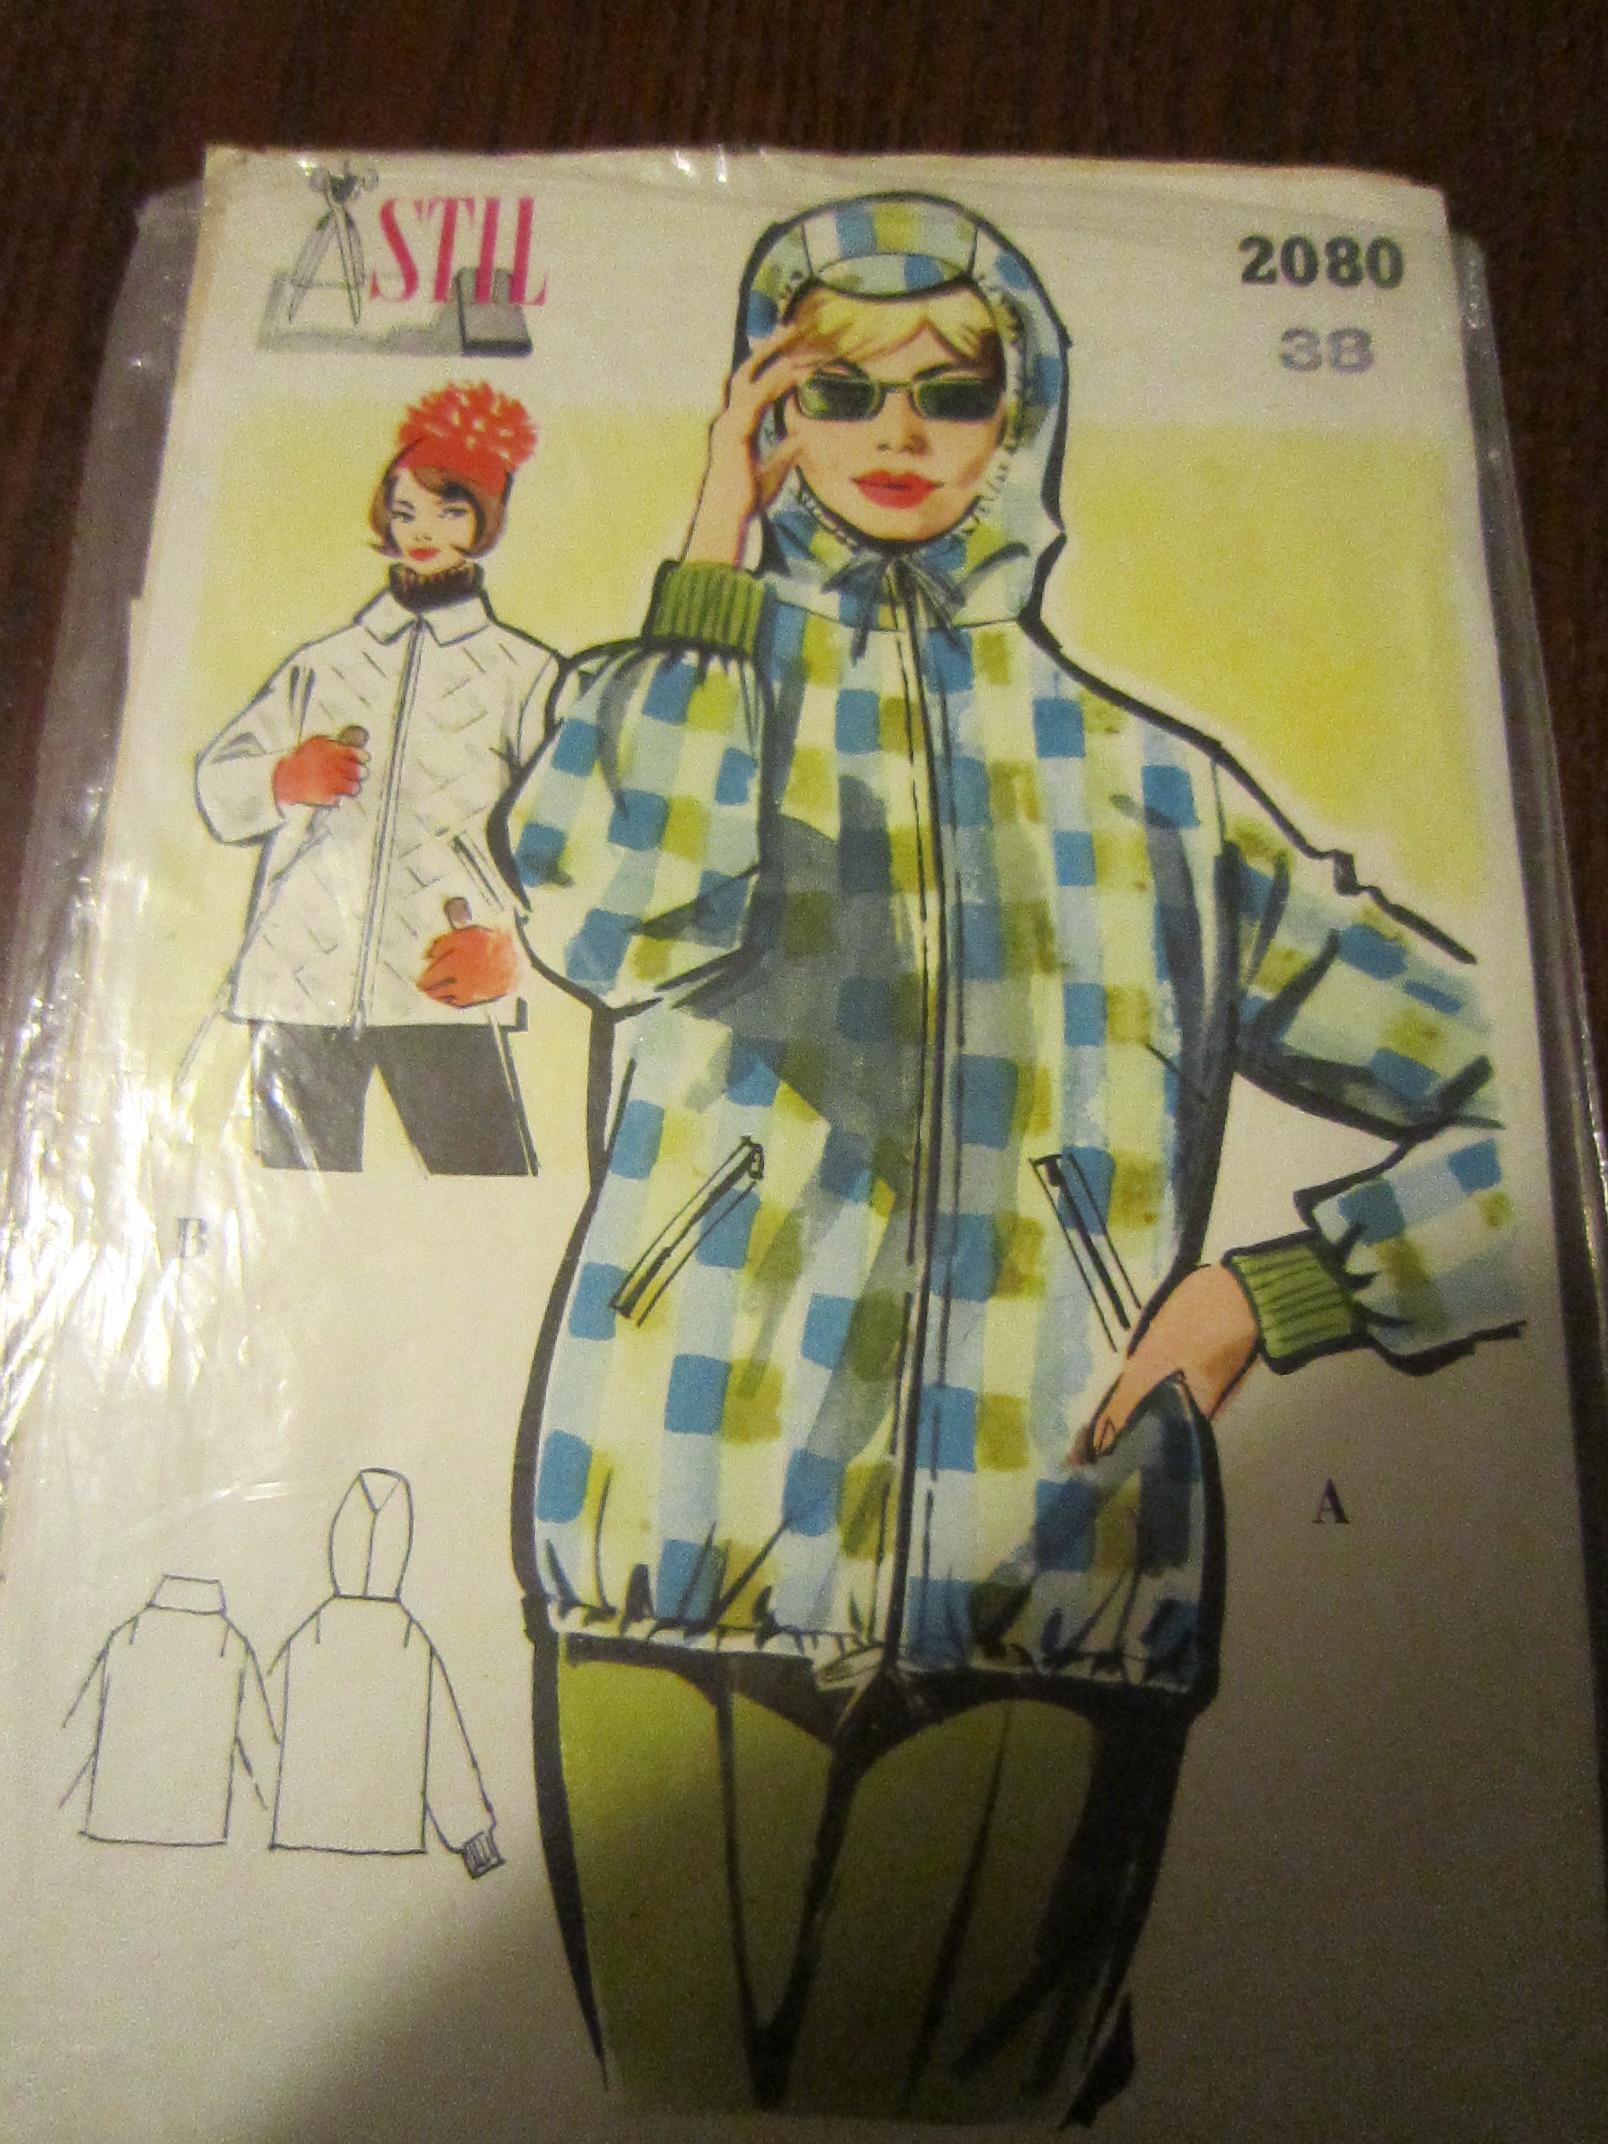 stil 2080 pattern vintage